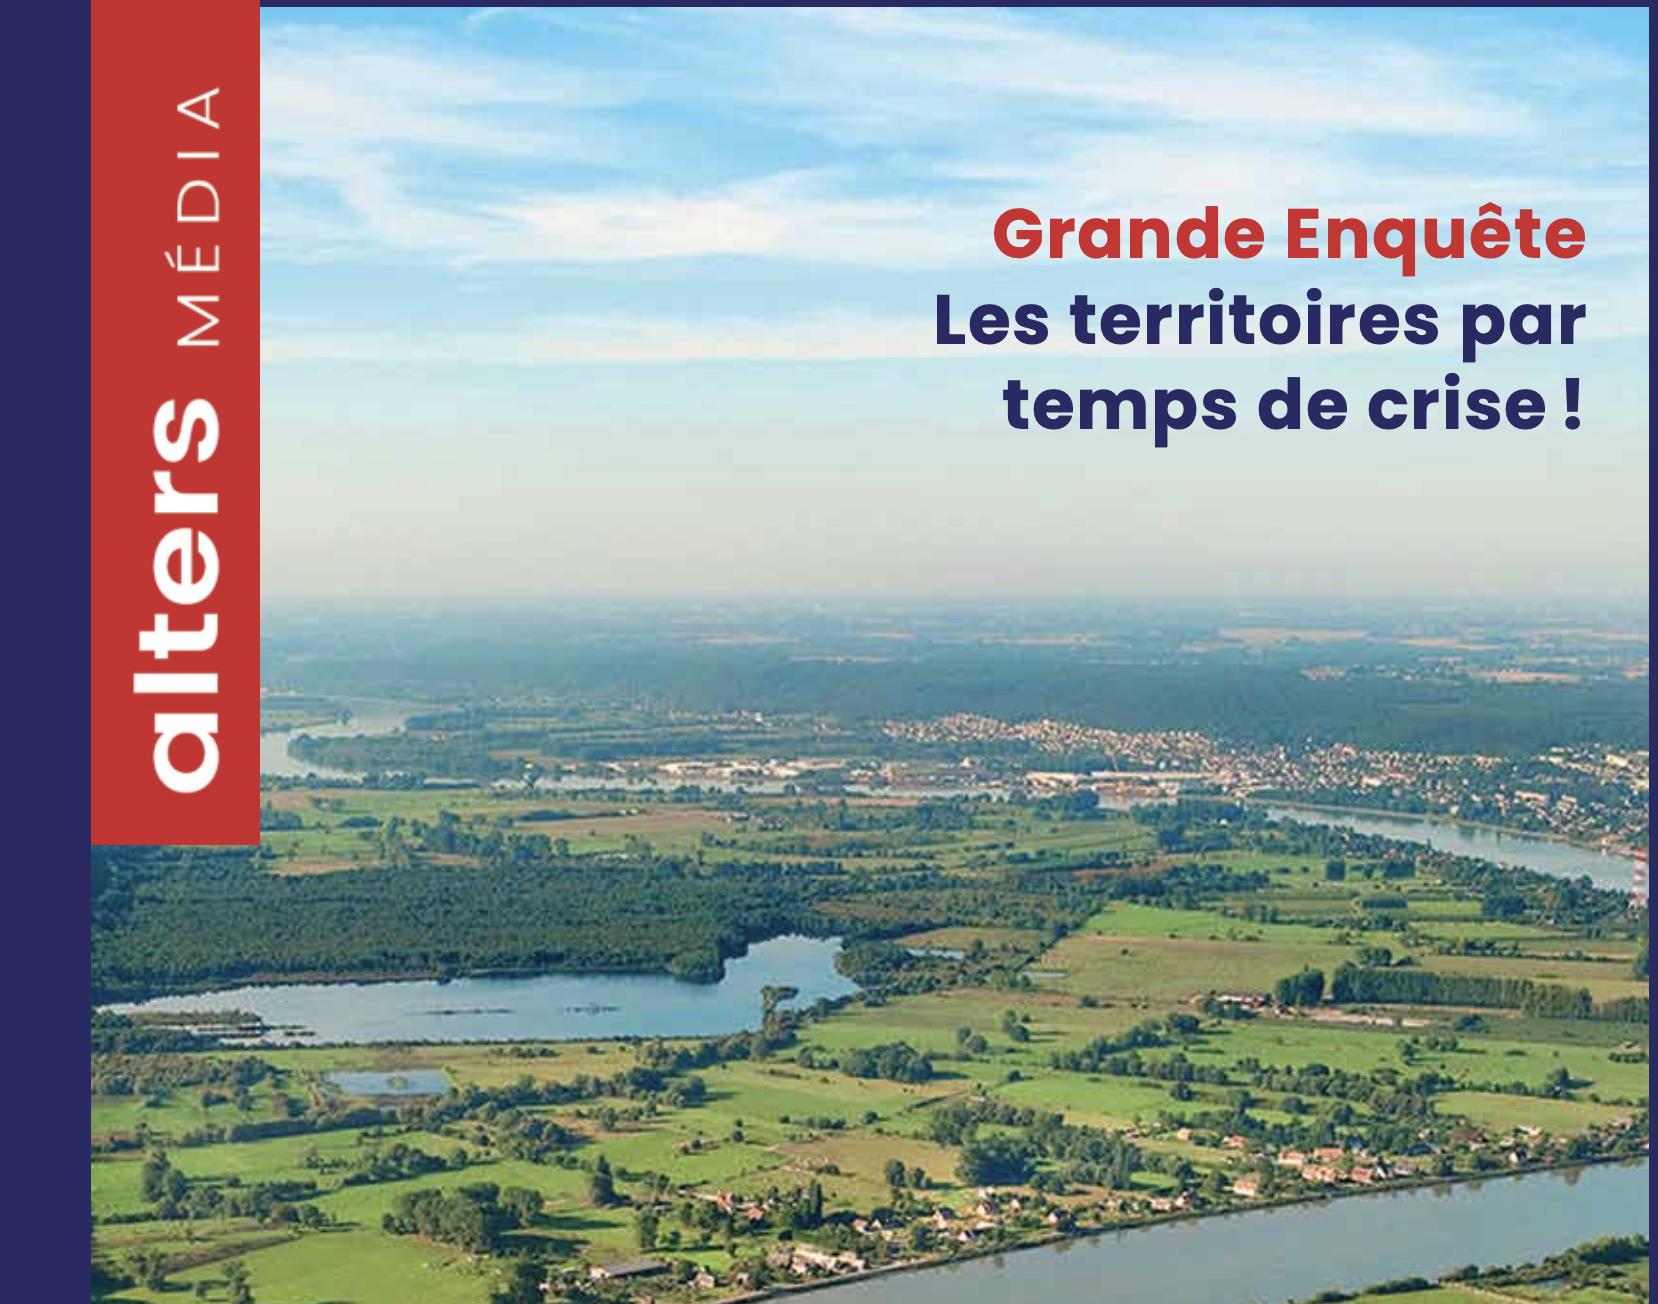 L'impact de la crise sur les territoires – un dossier complet dans la revue Alters Media